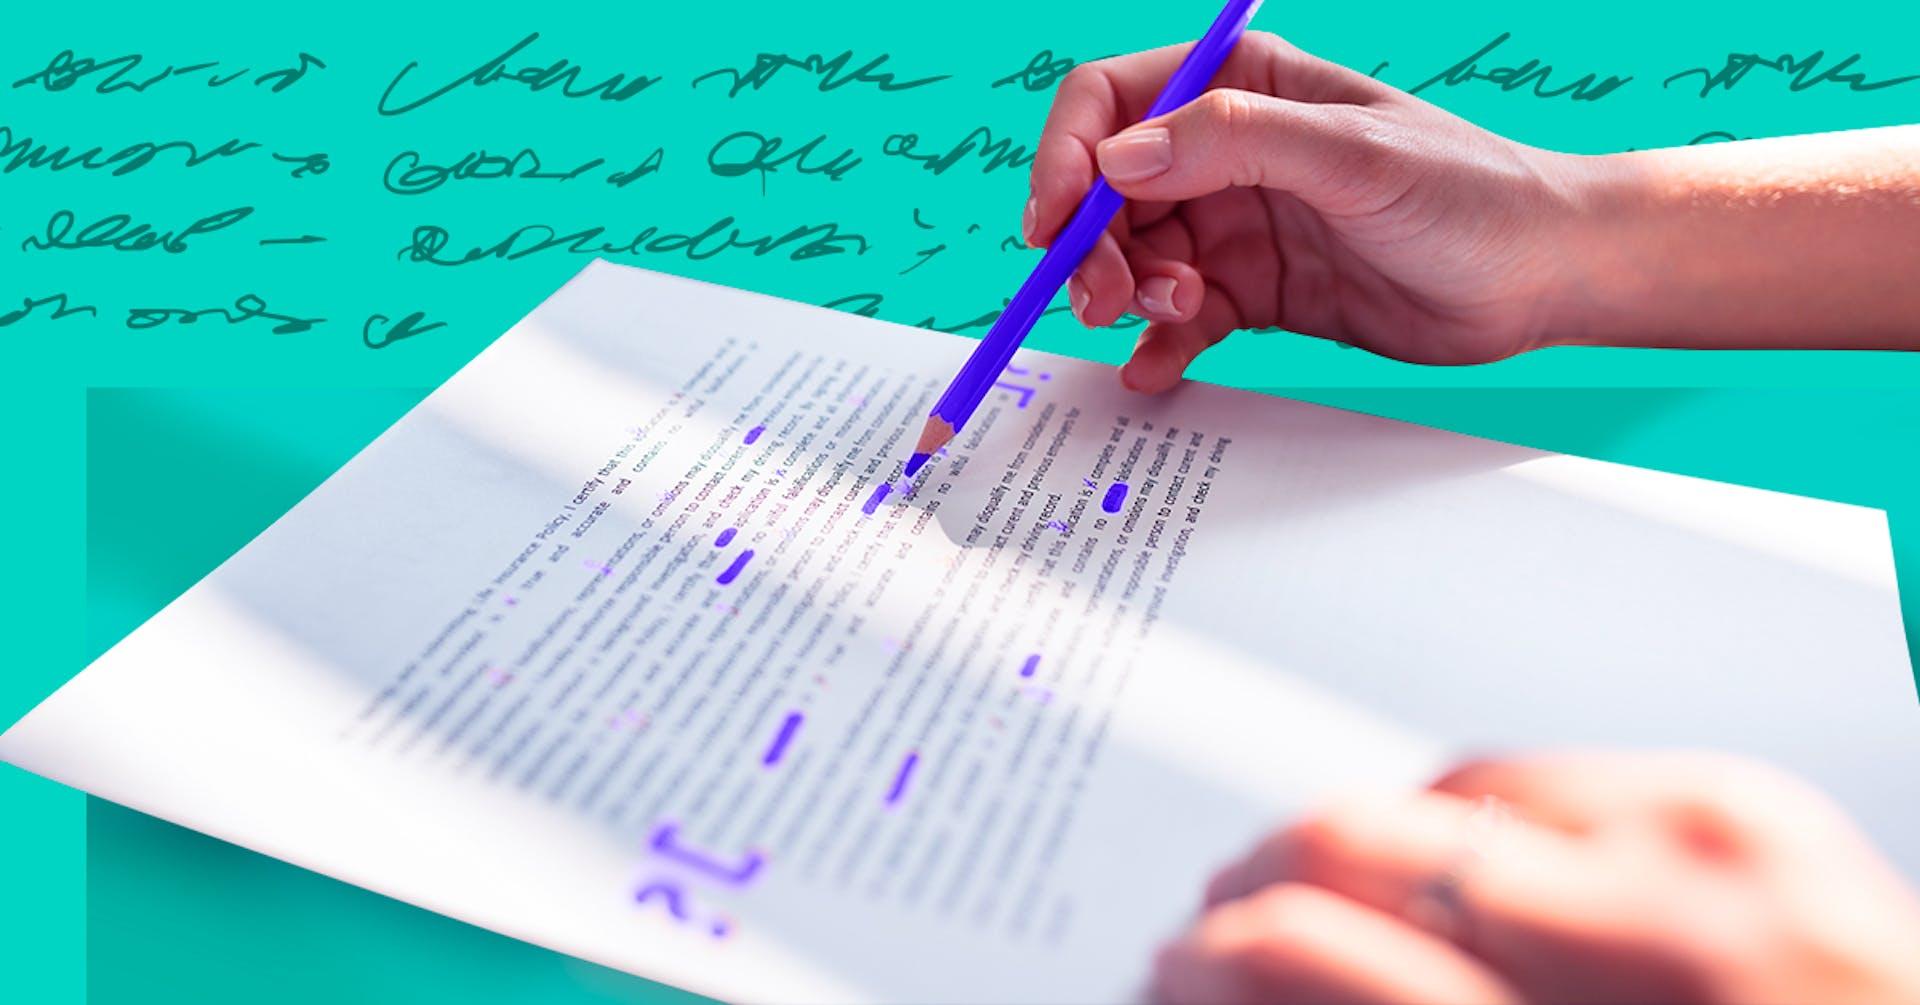 Los tipos de guiones: convierte tus ideas escritas en una imagen audiovisual potente